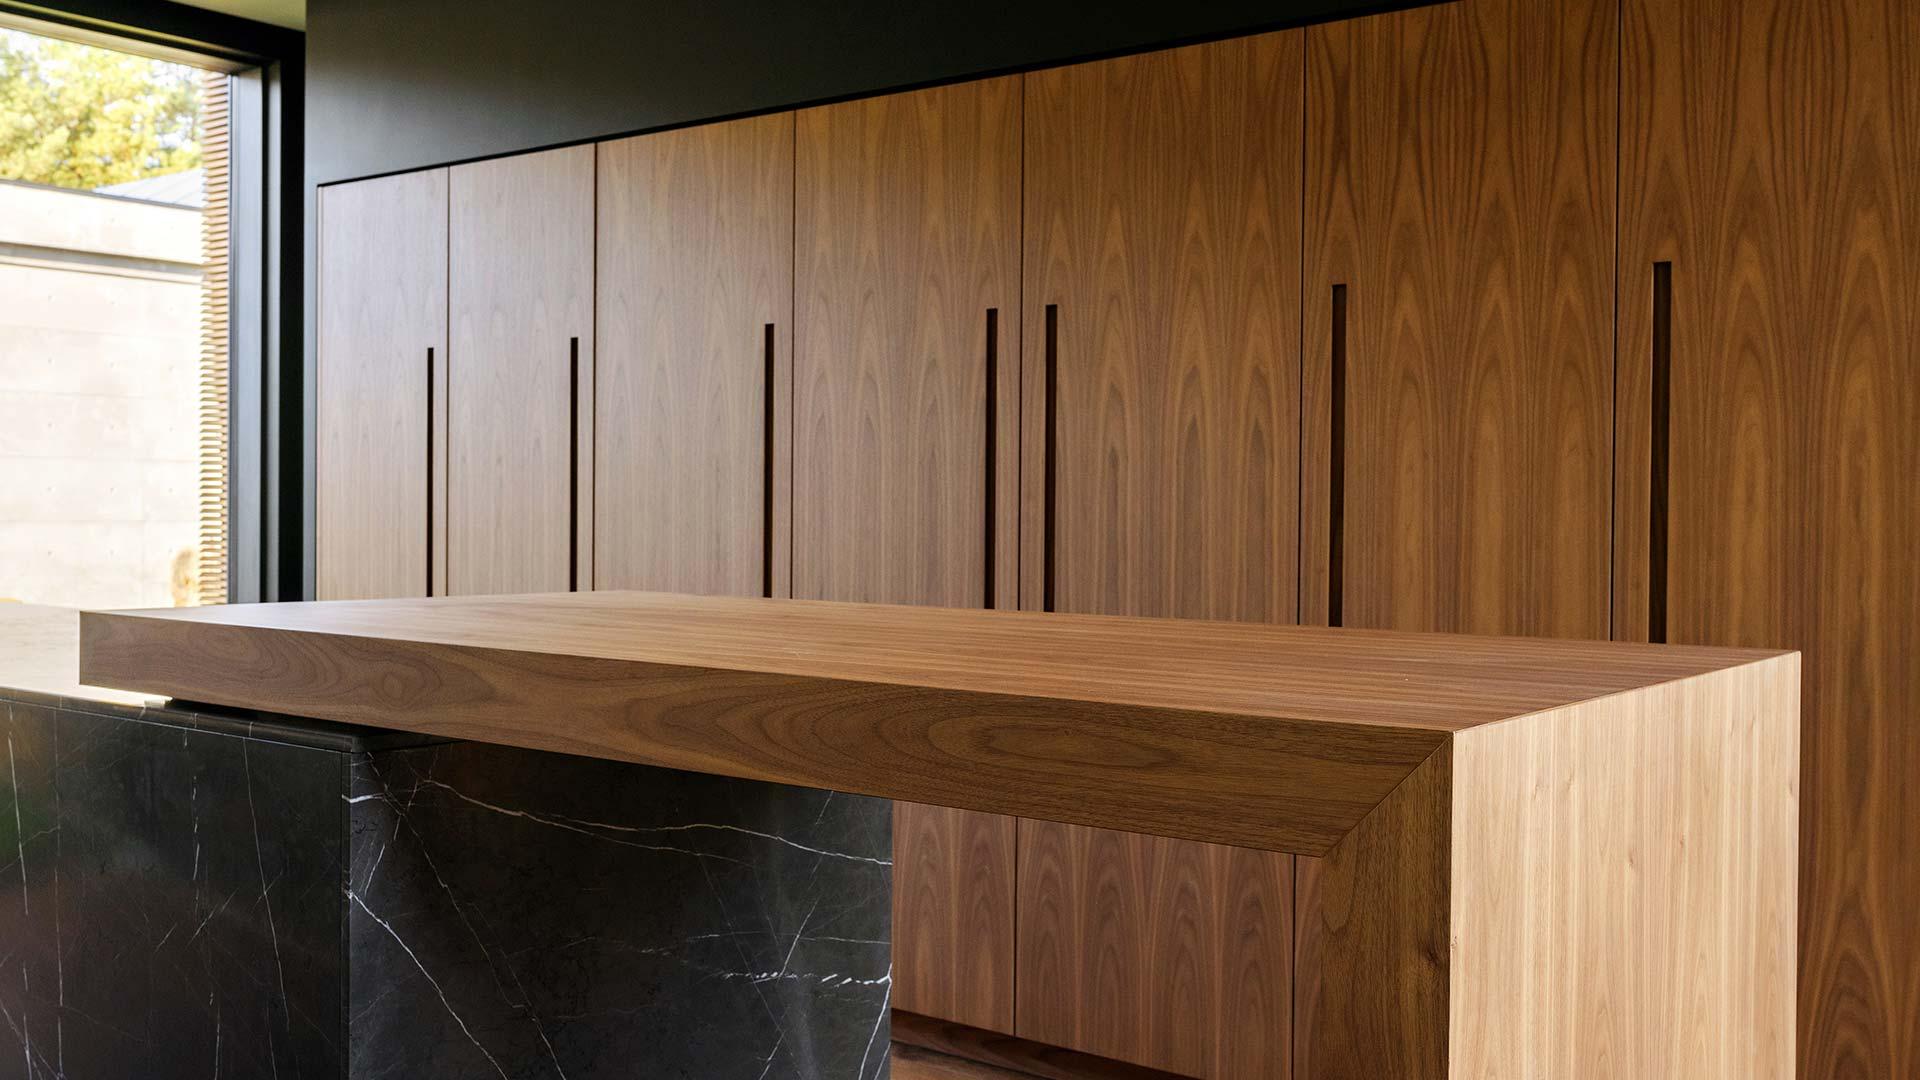 In Kiev, a kitchen with columns and an island with a sliding table - 20190607_TMItalia_realizzazione_dominio_ludmilla-004